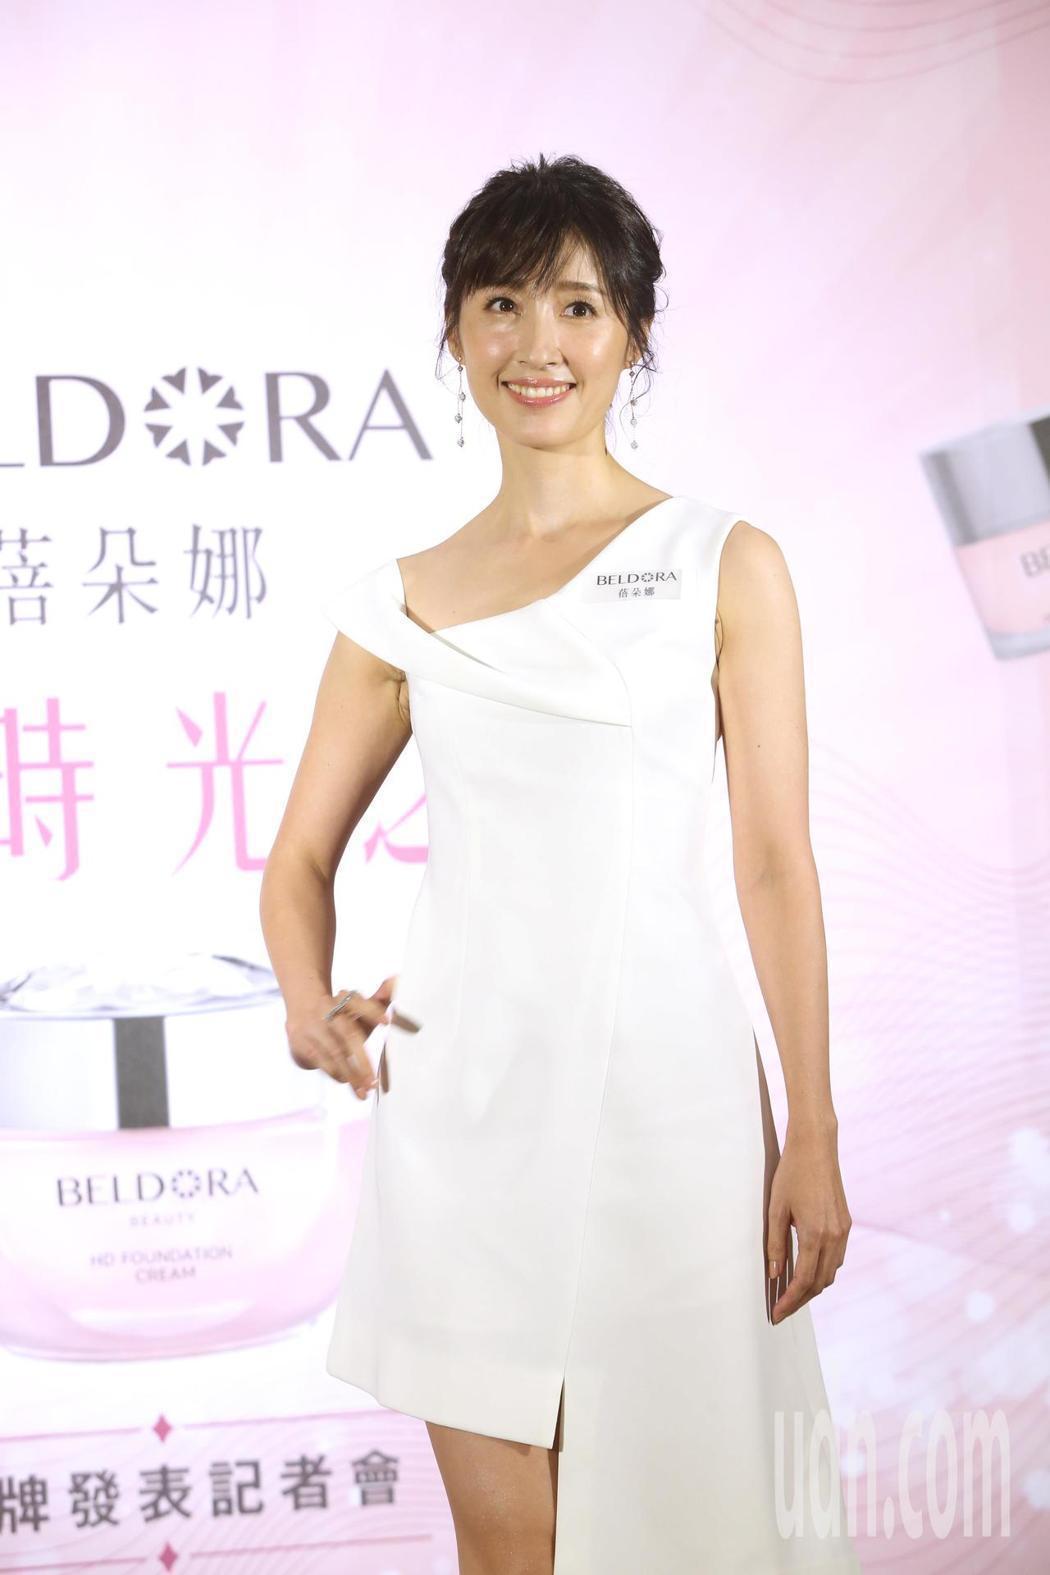 田中千繪今天出席記者會,說自己的美麗哲學就像一朵美麗的紅玫瑰,幽雅而尊貴,熱情又